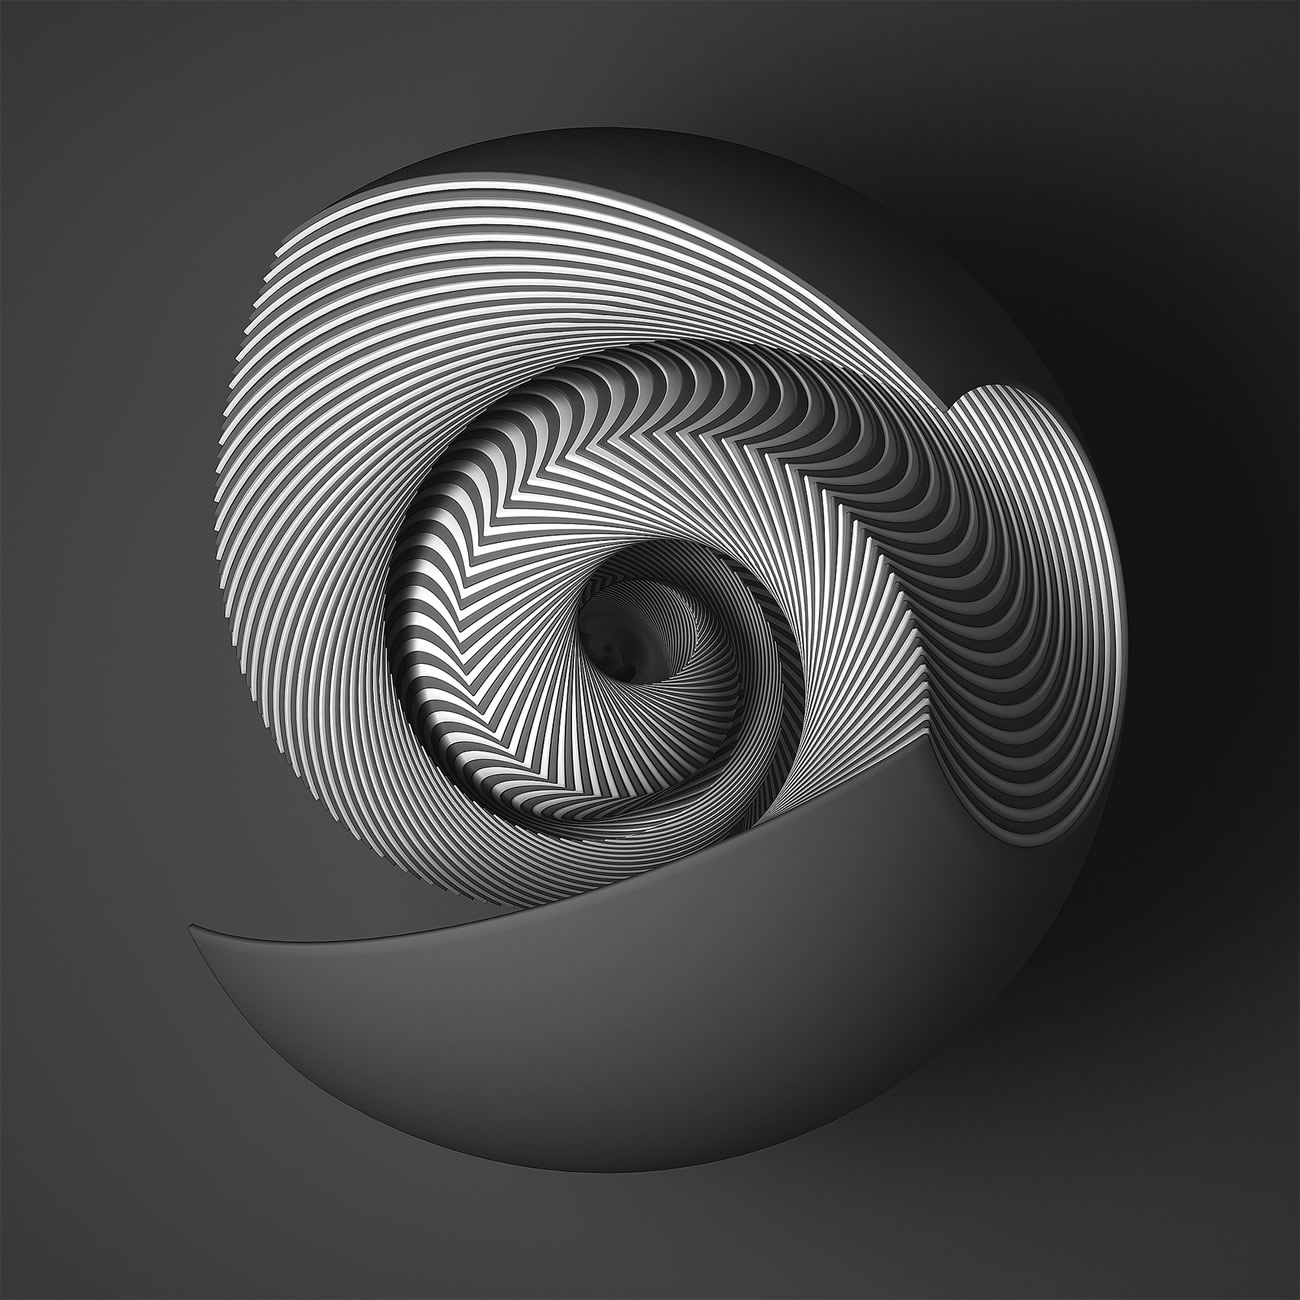 3-D sculptures shell design